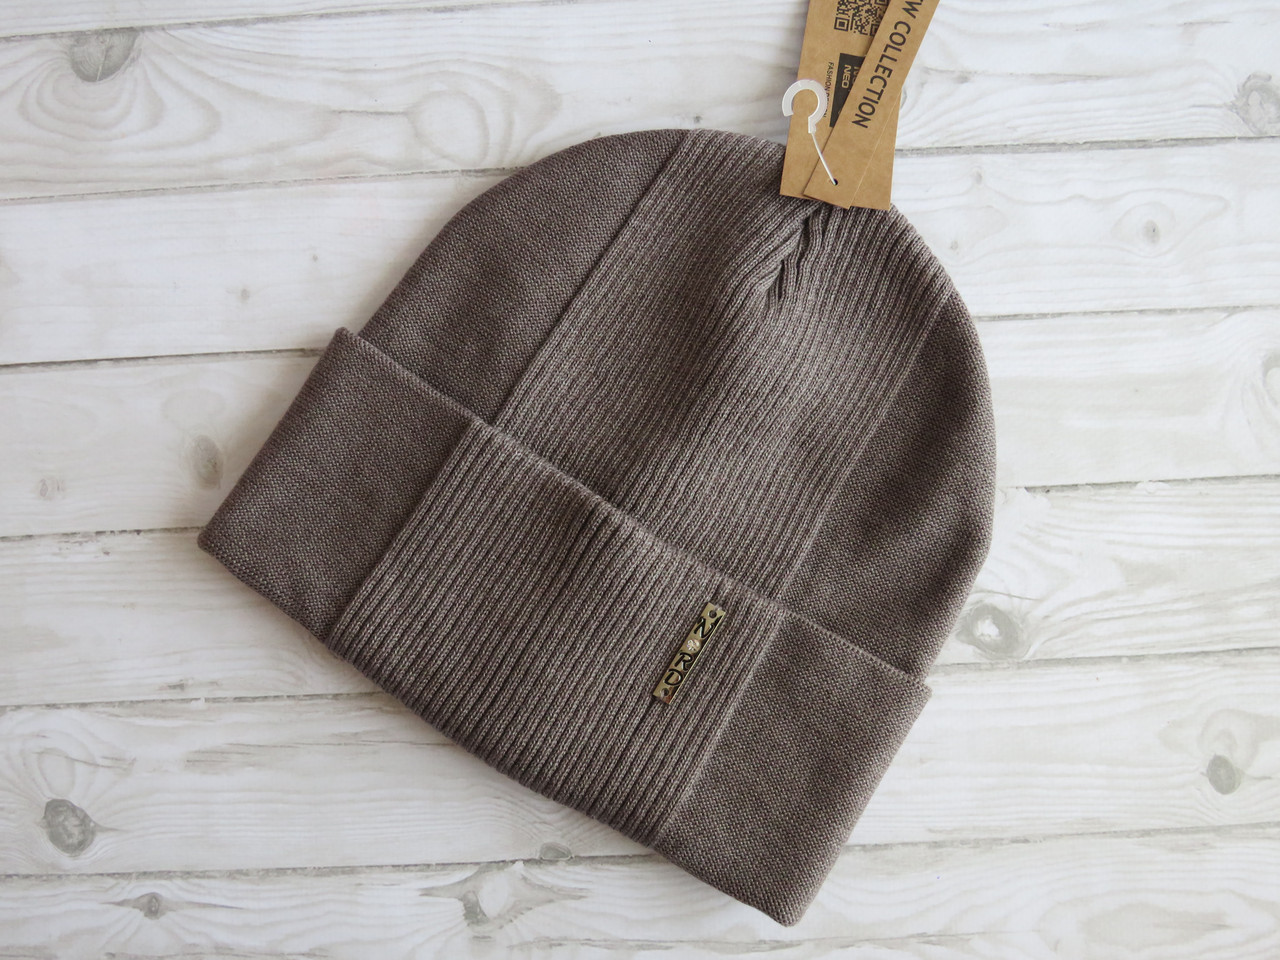 Молодежная хлопковая шапка Nord капучино